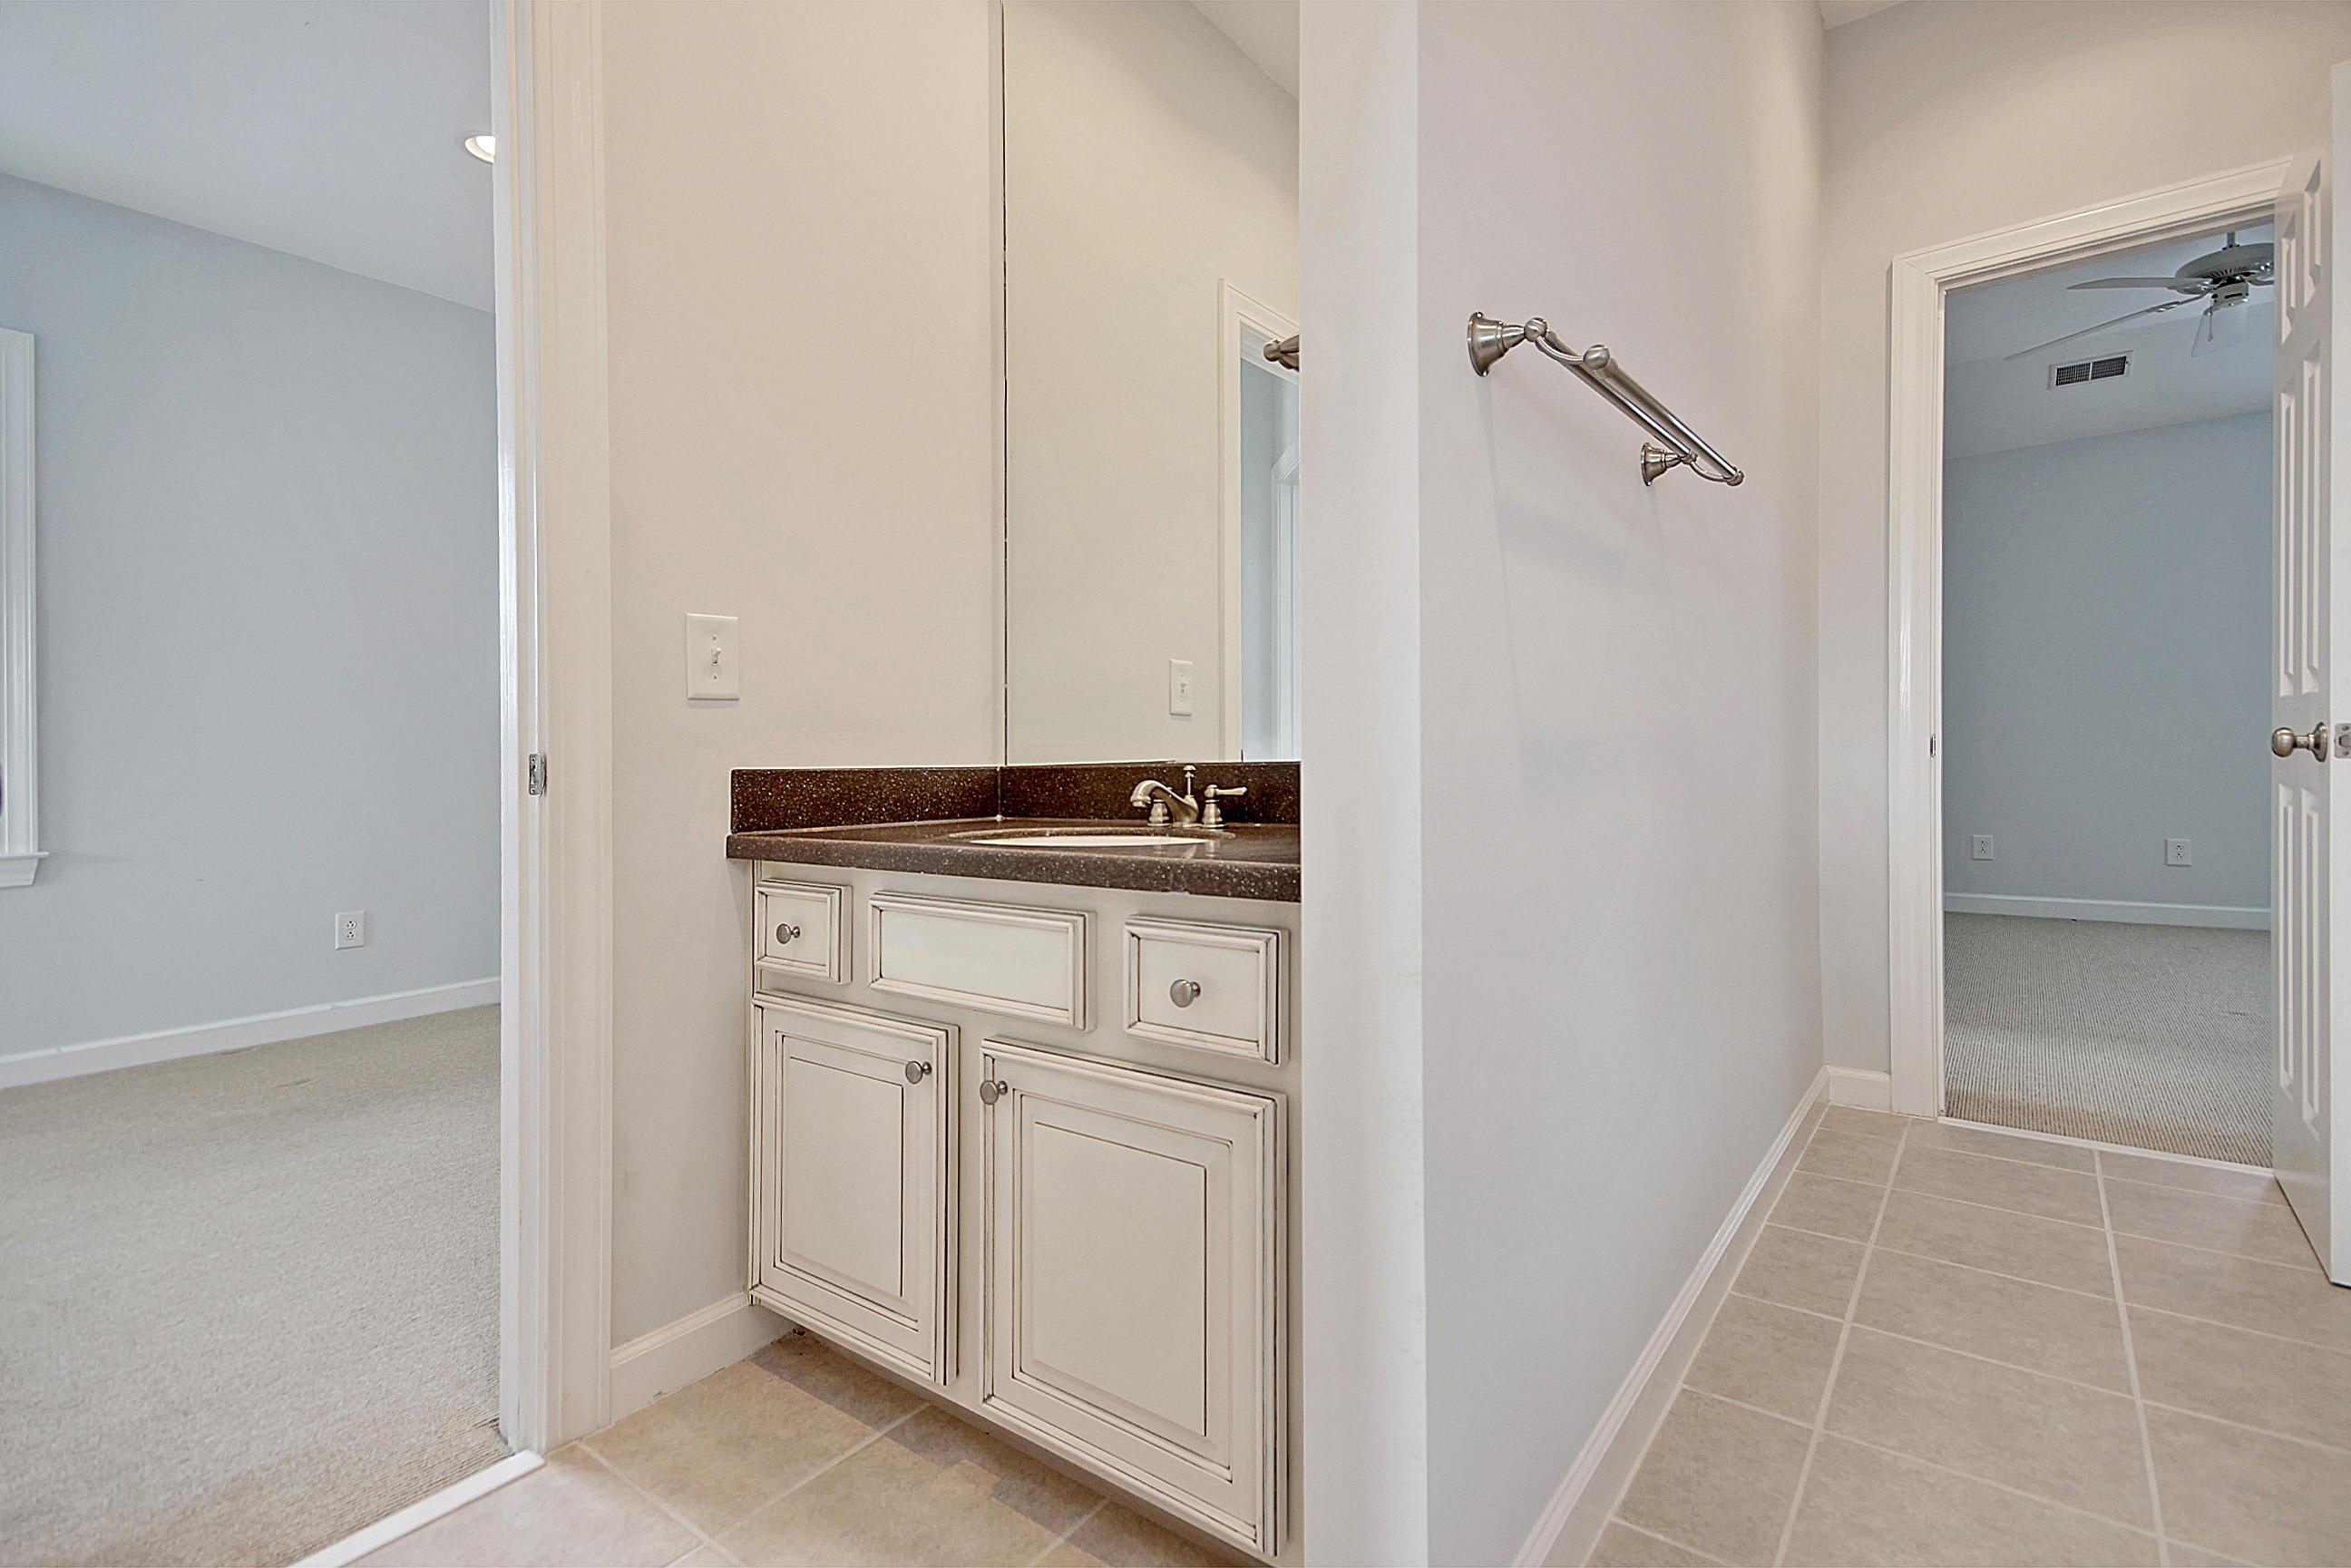 Dunes West Homes For Sale - 148 Palm Cove, Mount Pleasant, SC - 16